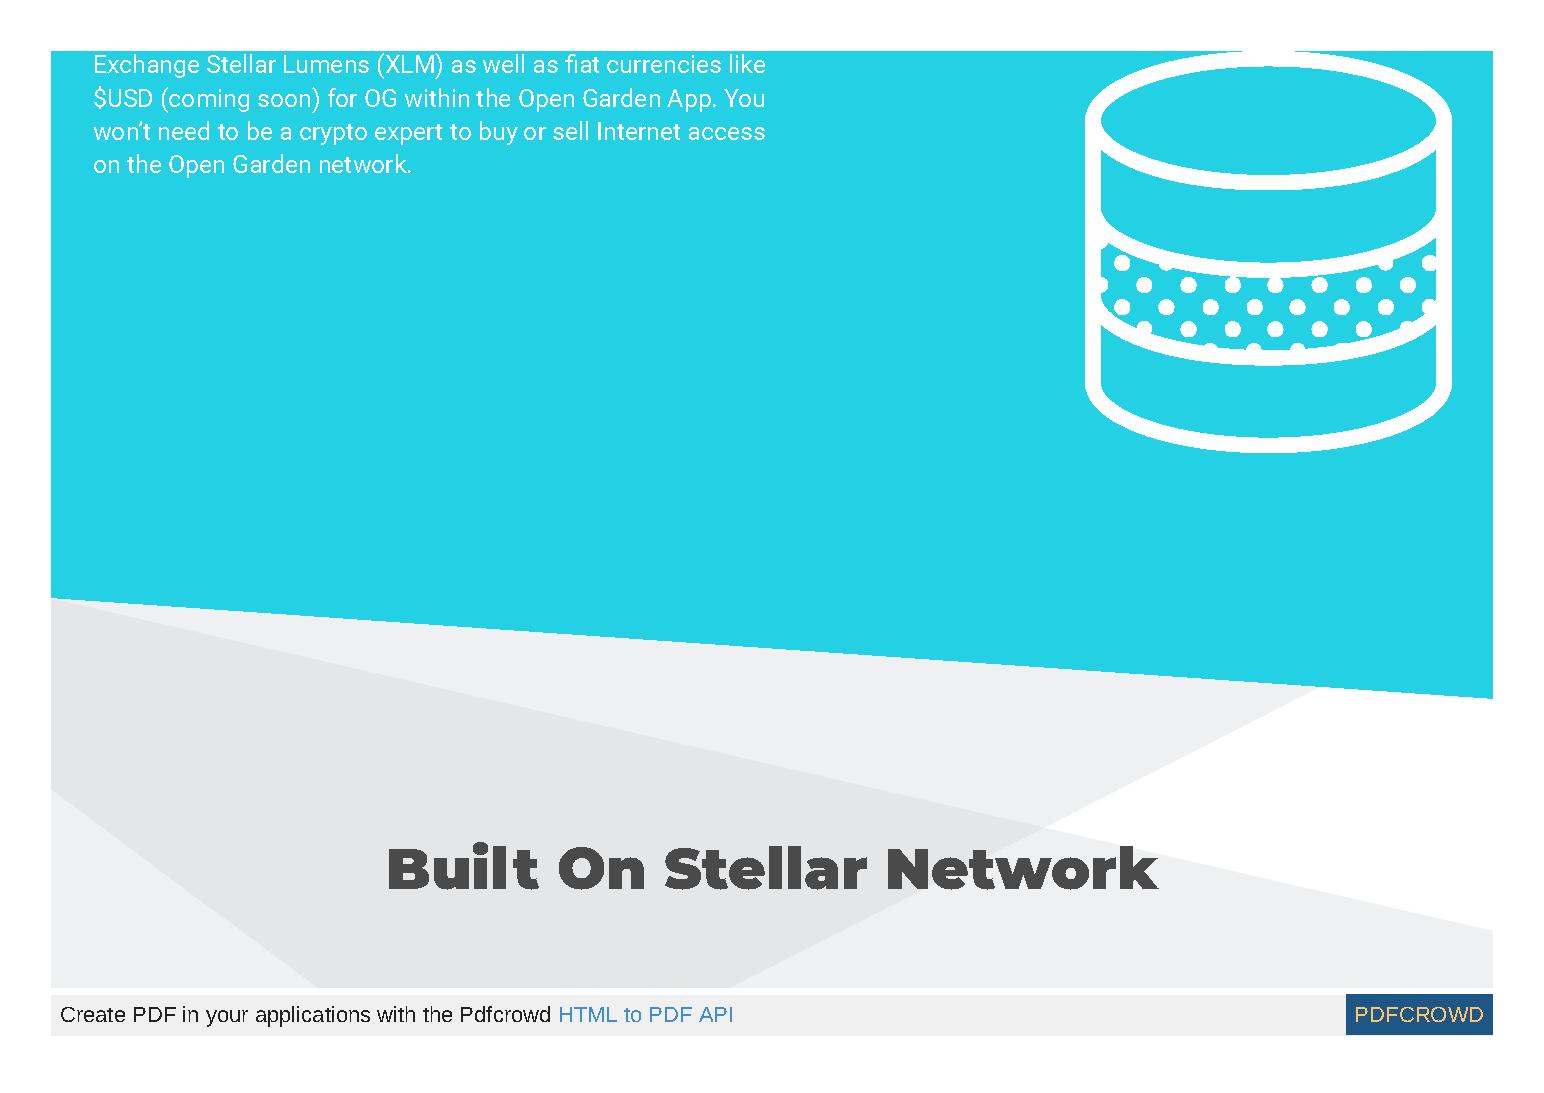 www_opengarden_com_token_Page_3.png